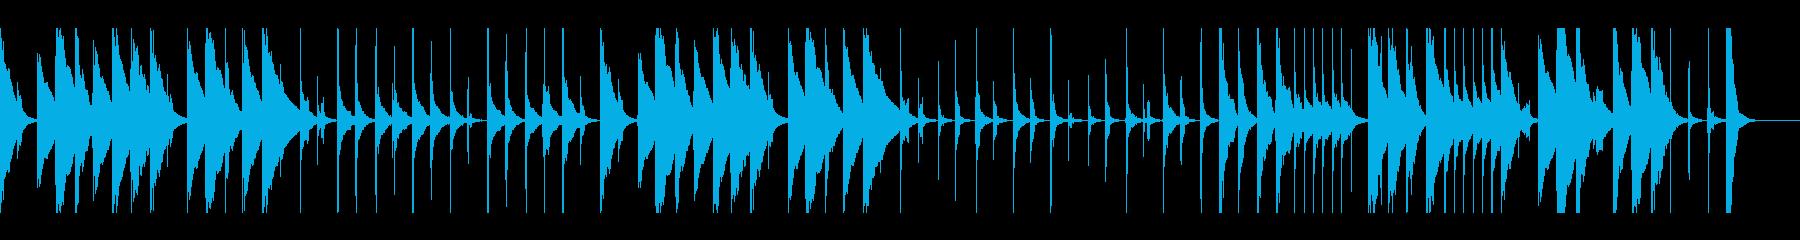 おとぼけ コミカルで明るい ループ仕様の再生済みの波形